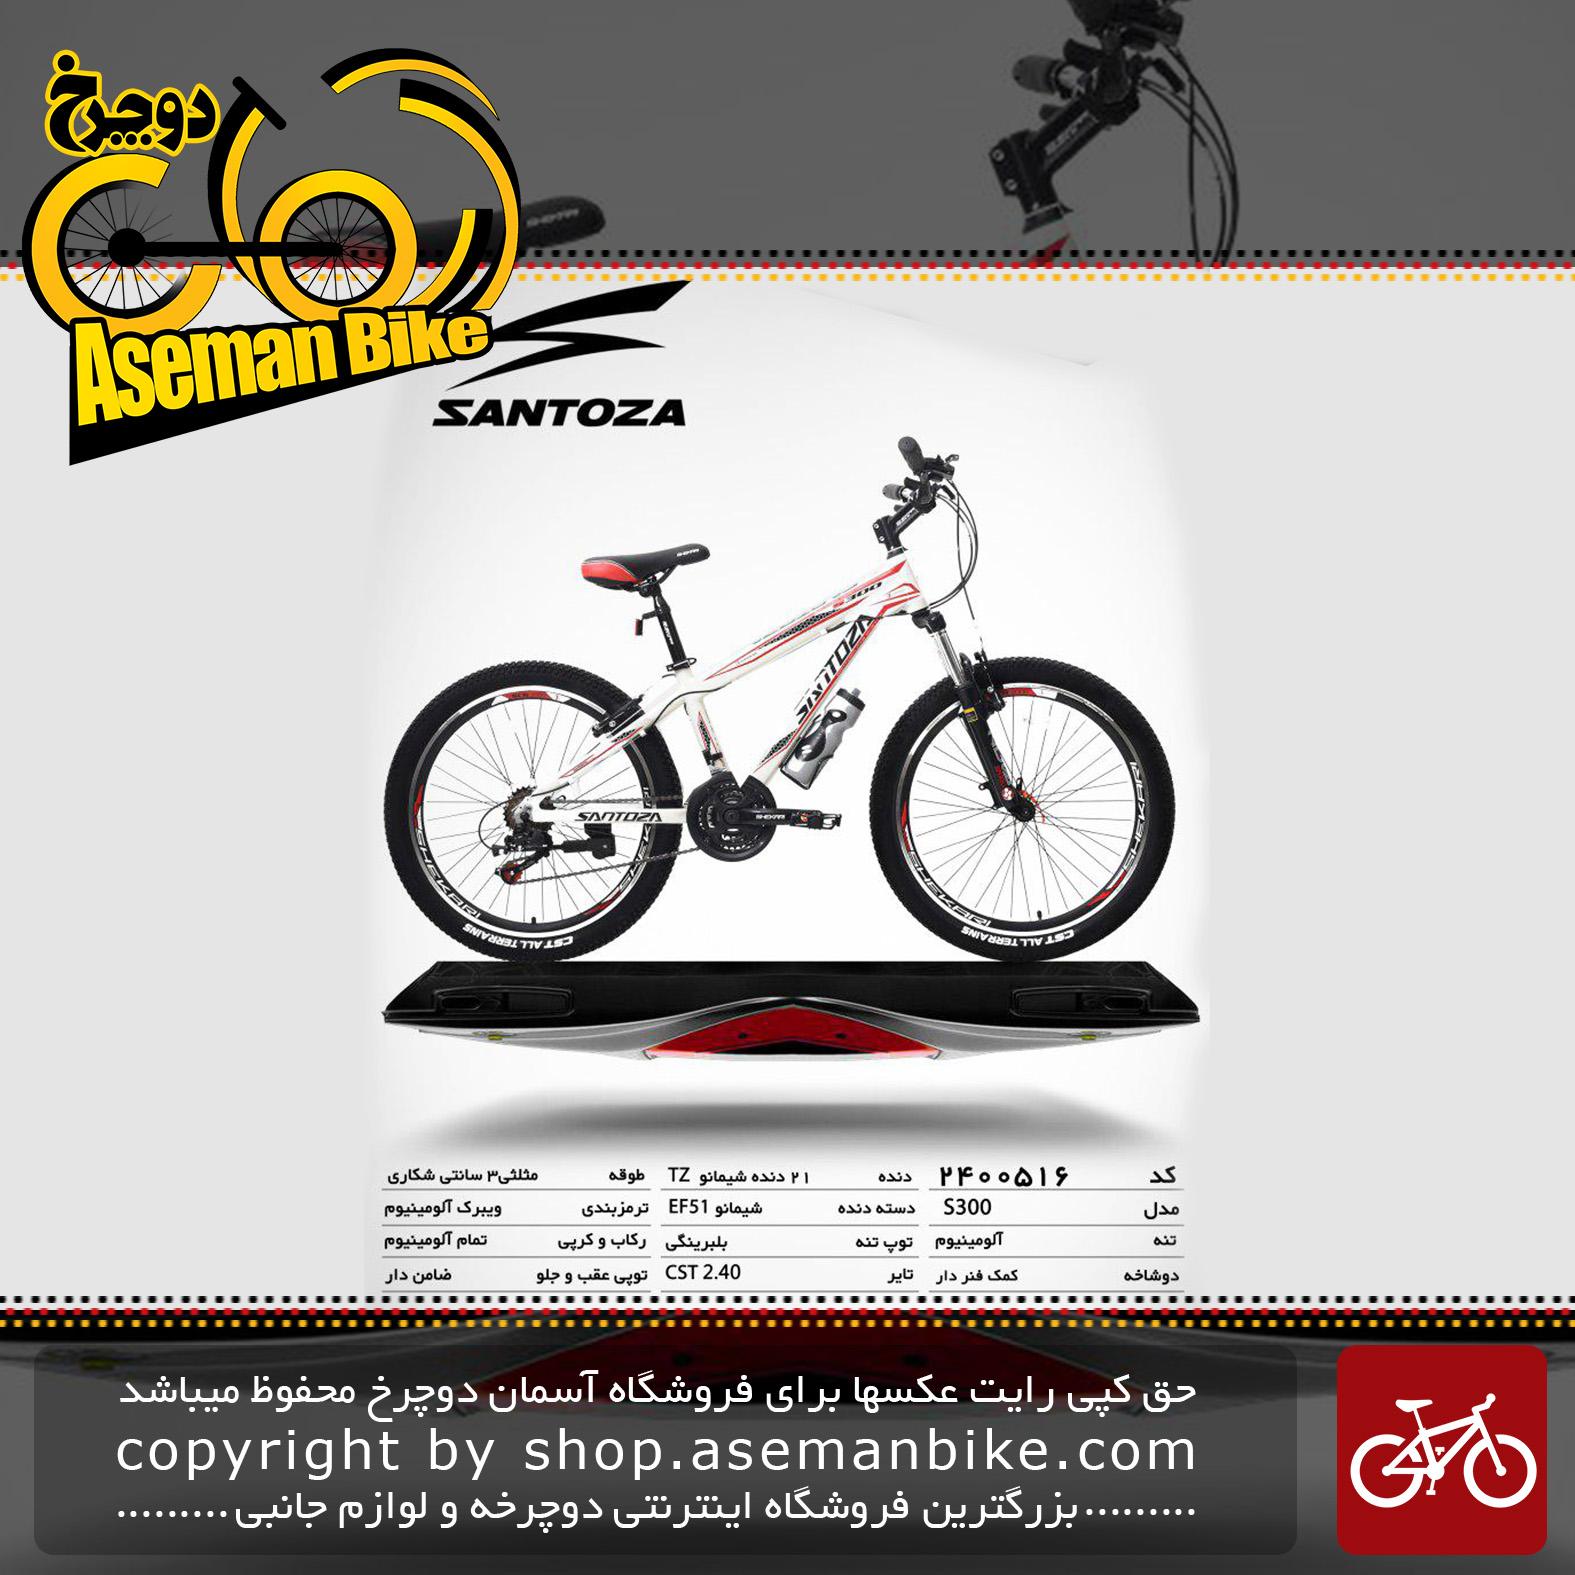 دوچرخه کوهستان سانتوزا 21 دنده شیمانو تورنی تنه آلومینیوم سایز 24مدل اس300 santoza bicycle 24 21 speed shimano tourney tz aluminum vb s300 2019